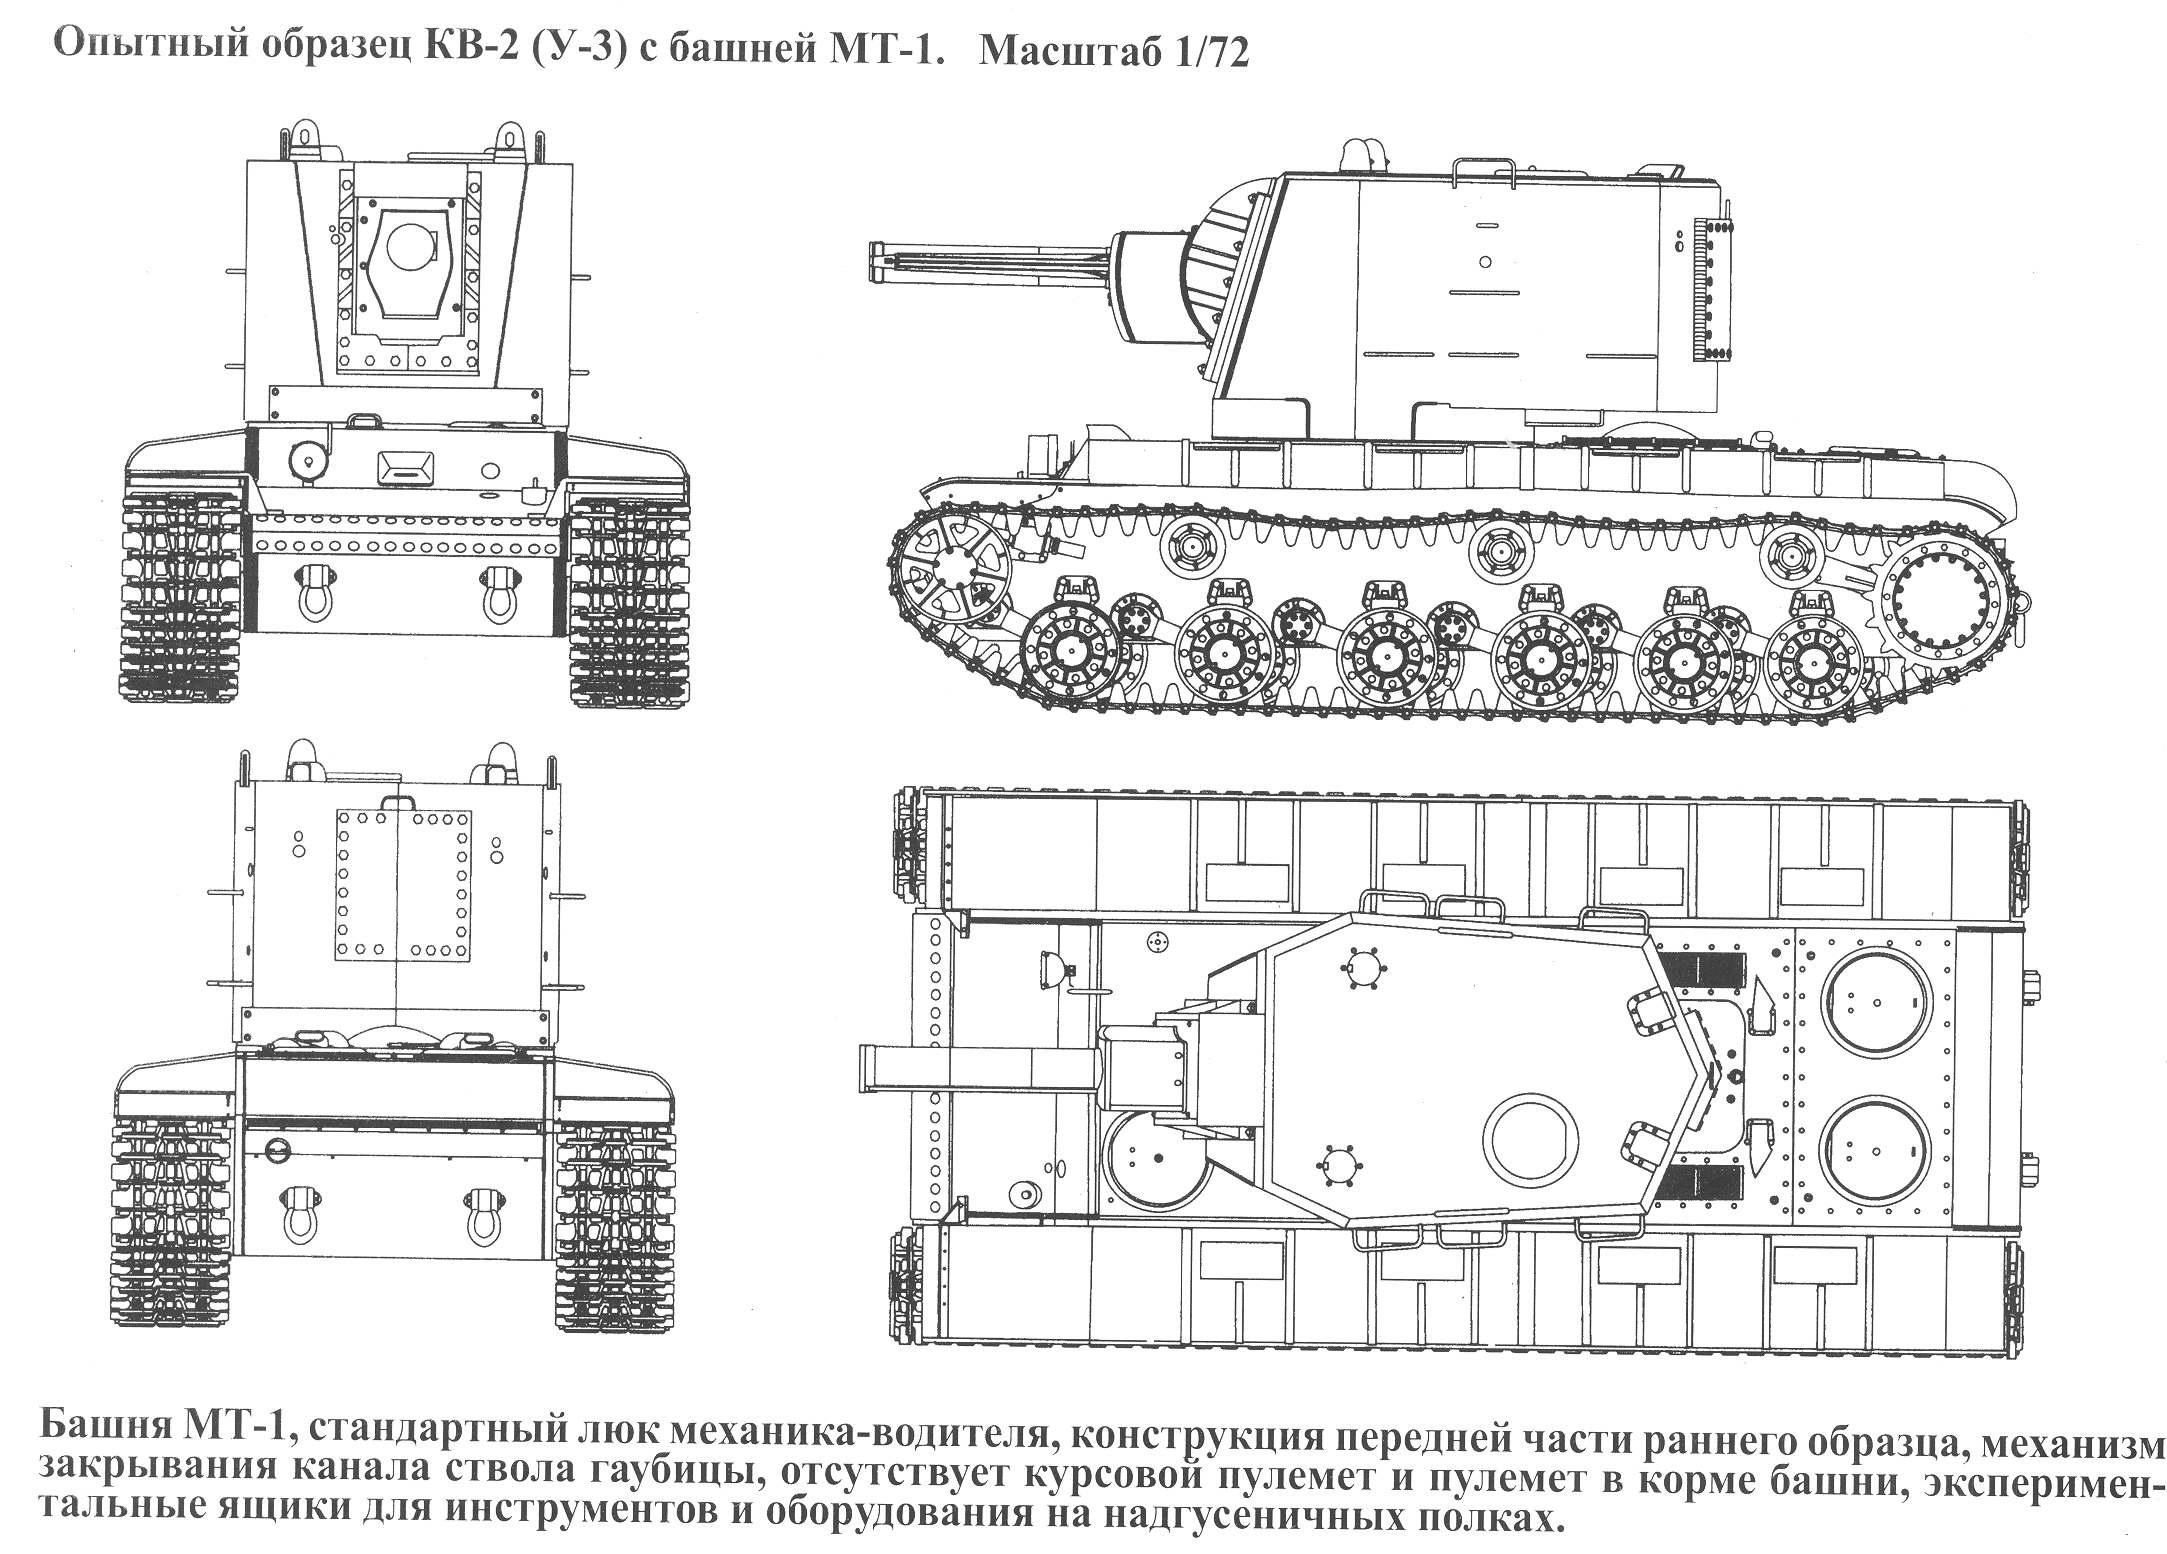 Kv 2 Soviet Heavy Assault Tank